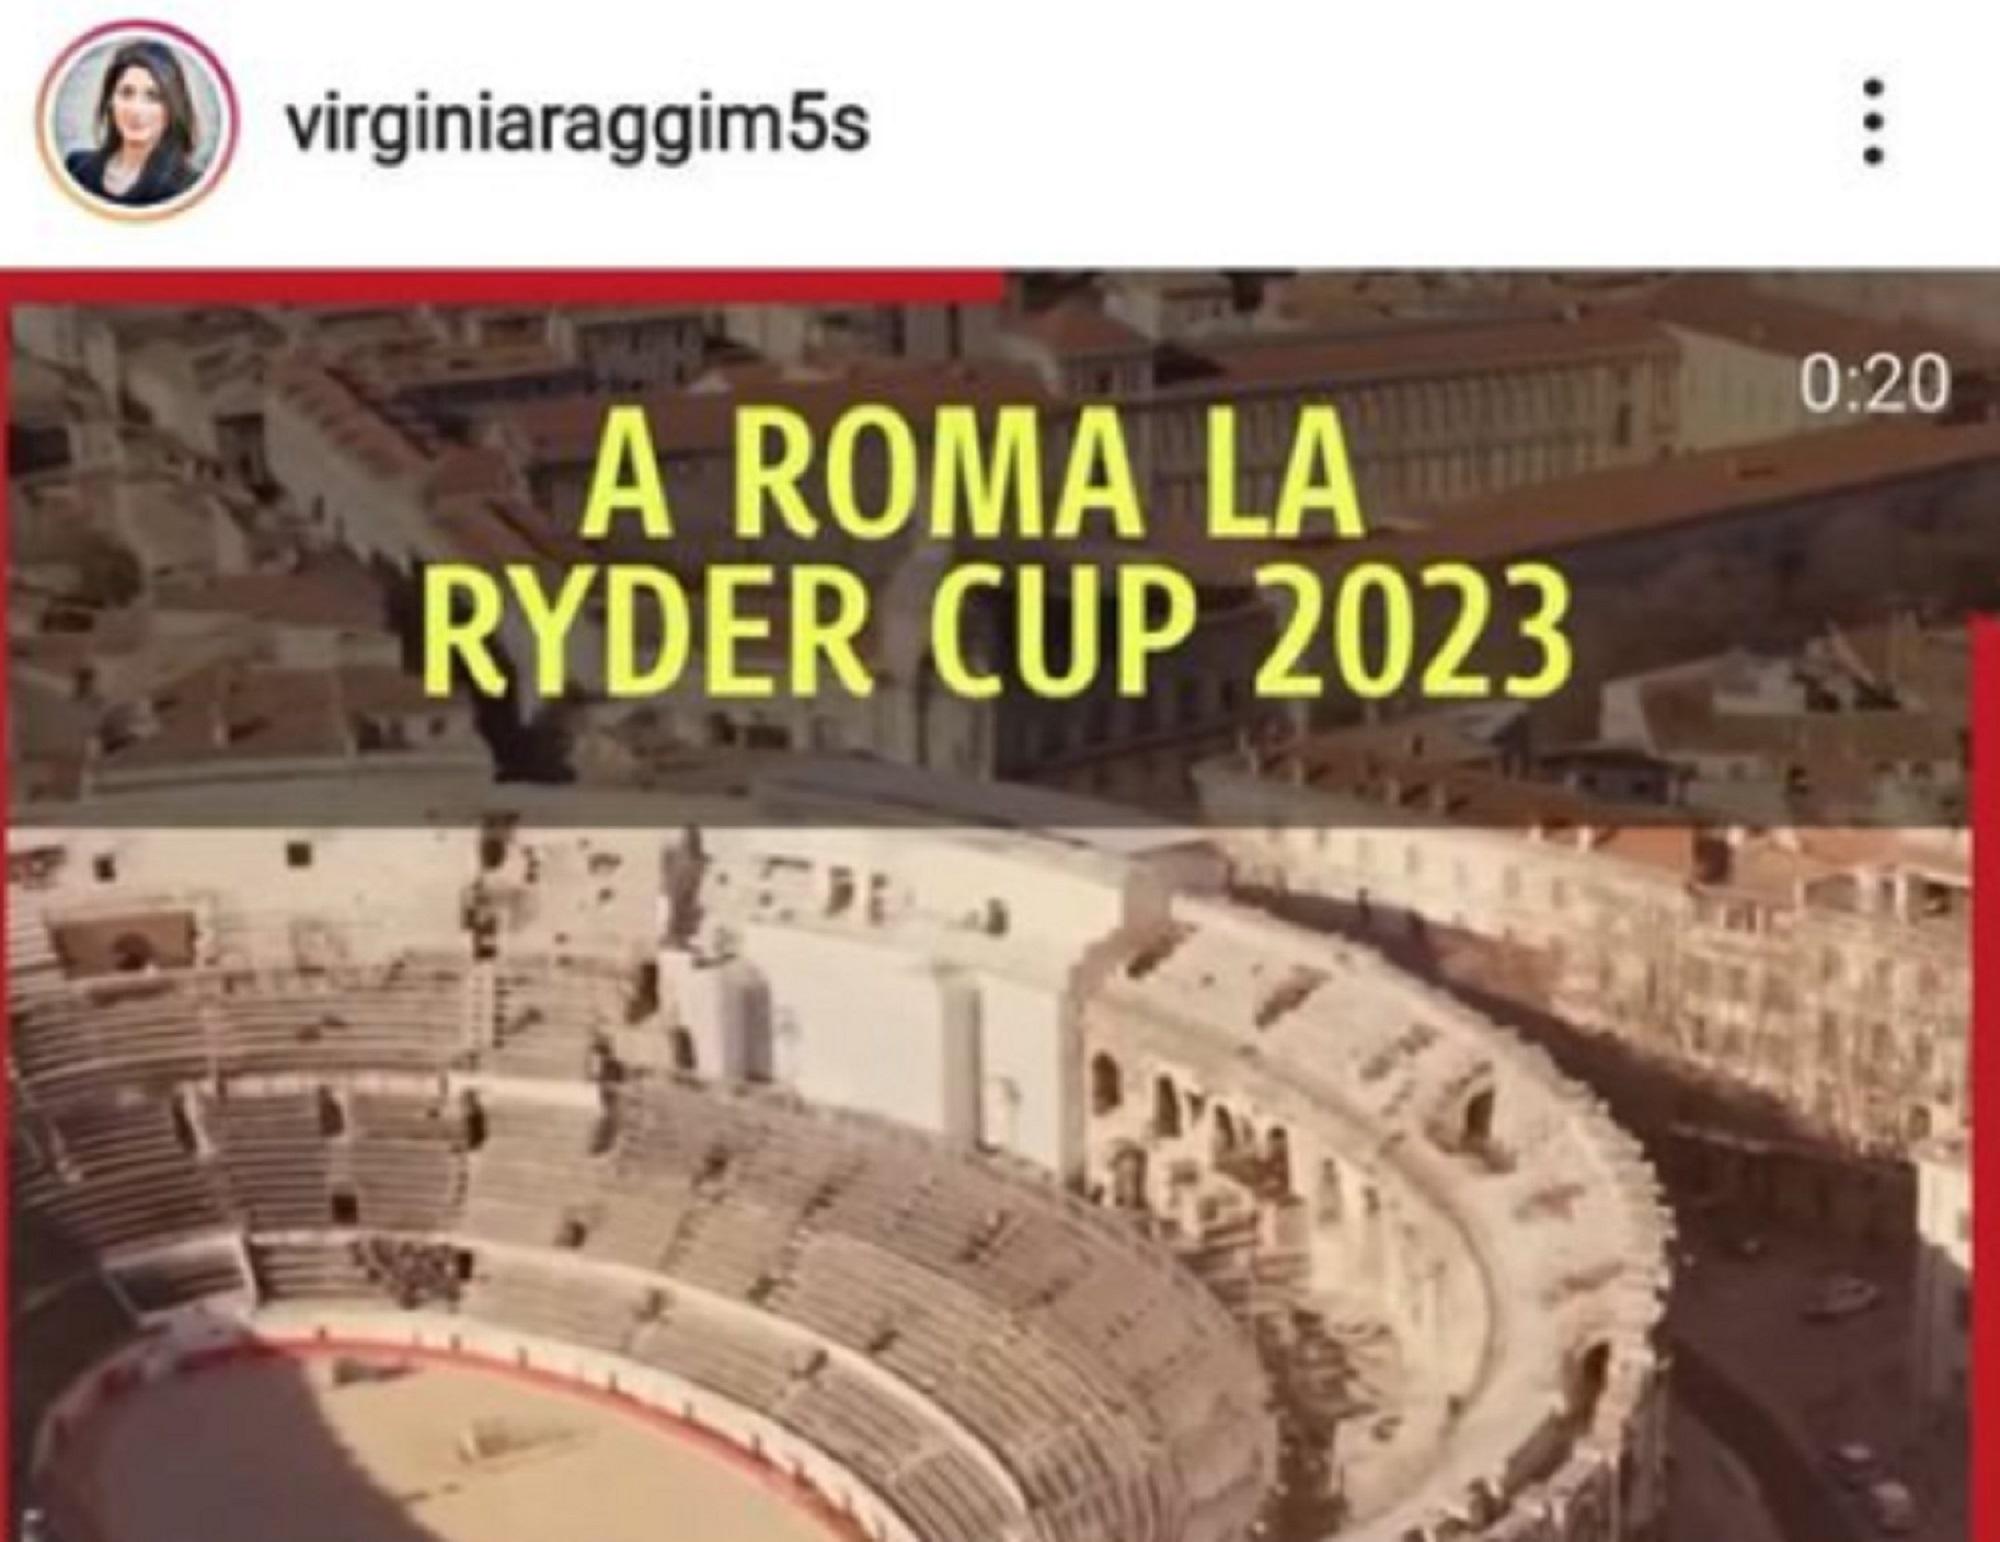 Virginia, che gaffe! In un video su Facebook la Raggi scambia il Colosseo per l'Arena di Nimes